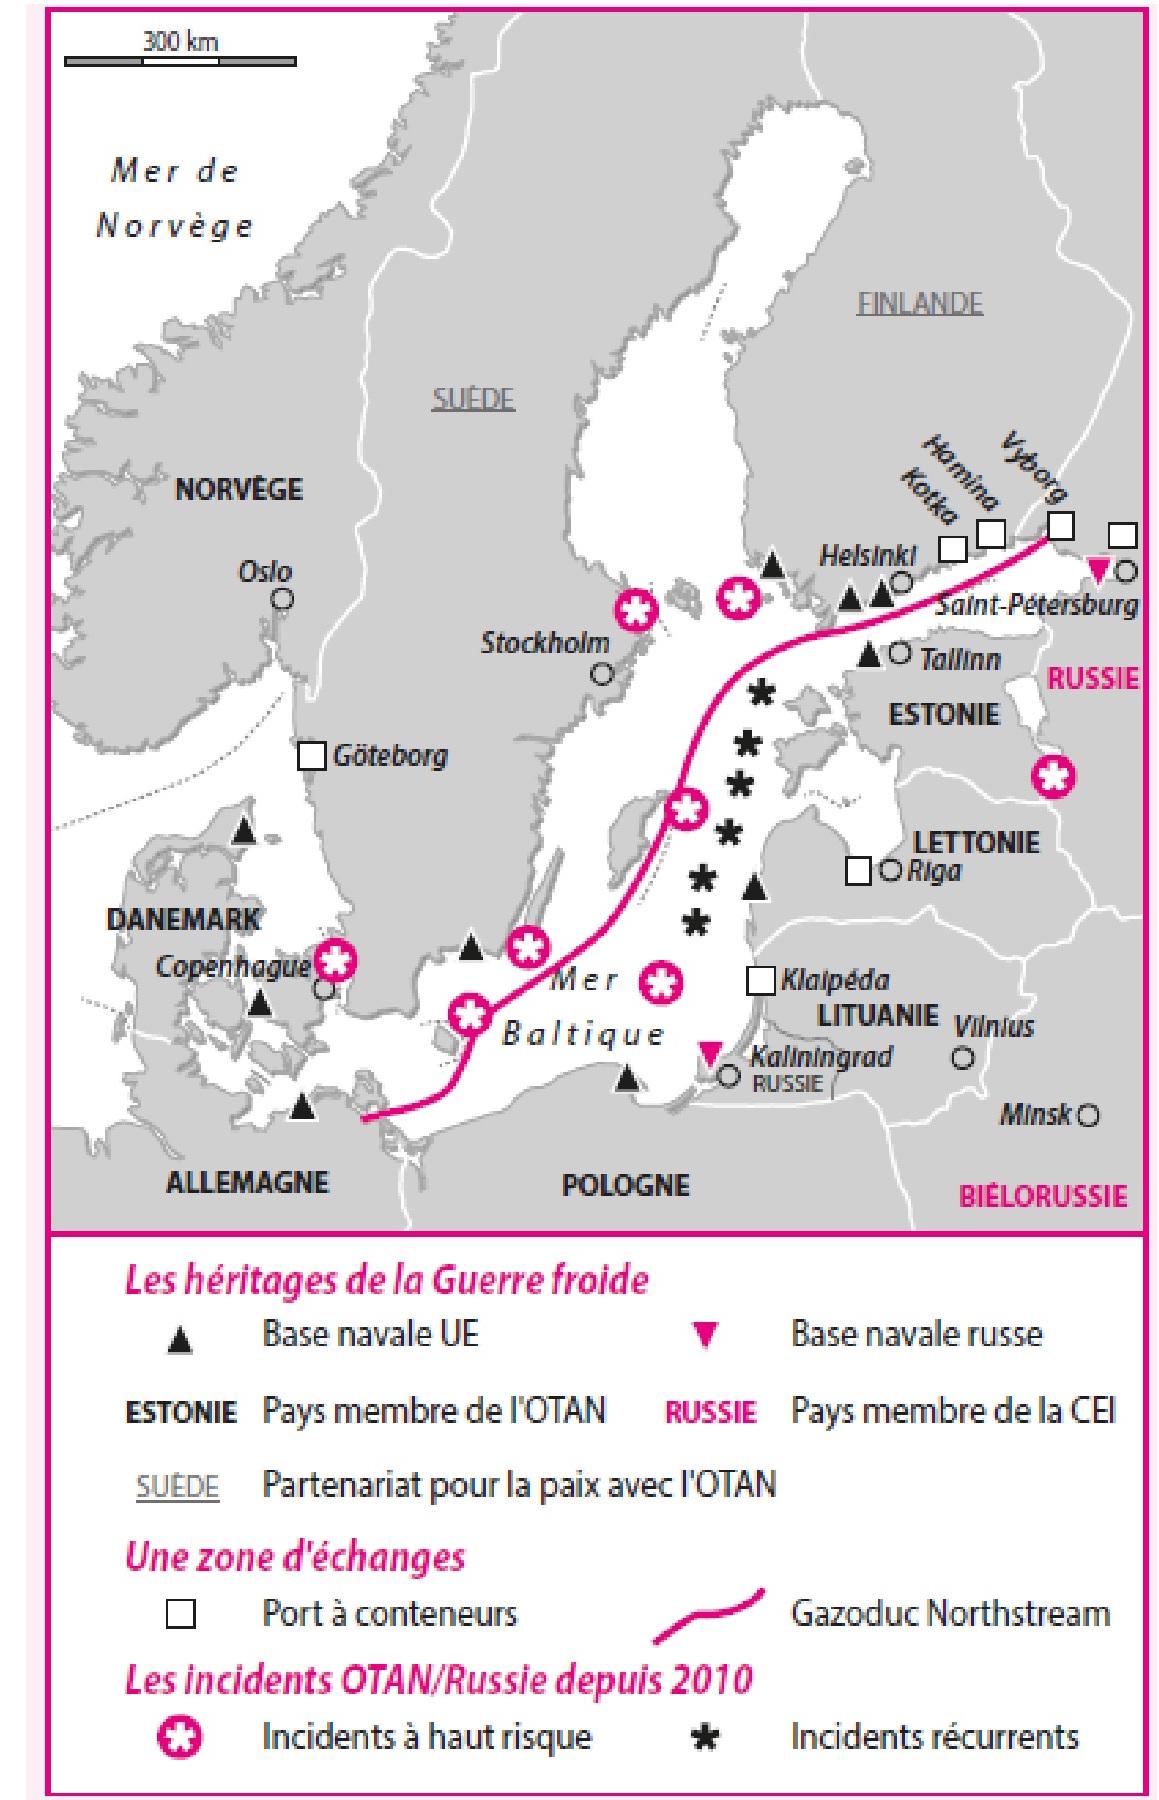 Cartes Mer Baltique De La Mer D Ambre A La Mer D Ombres